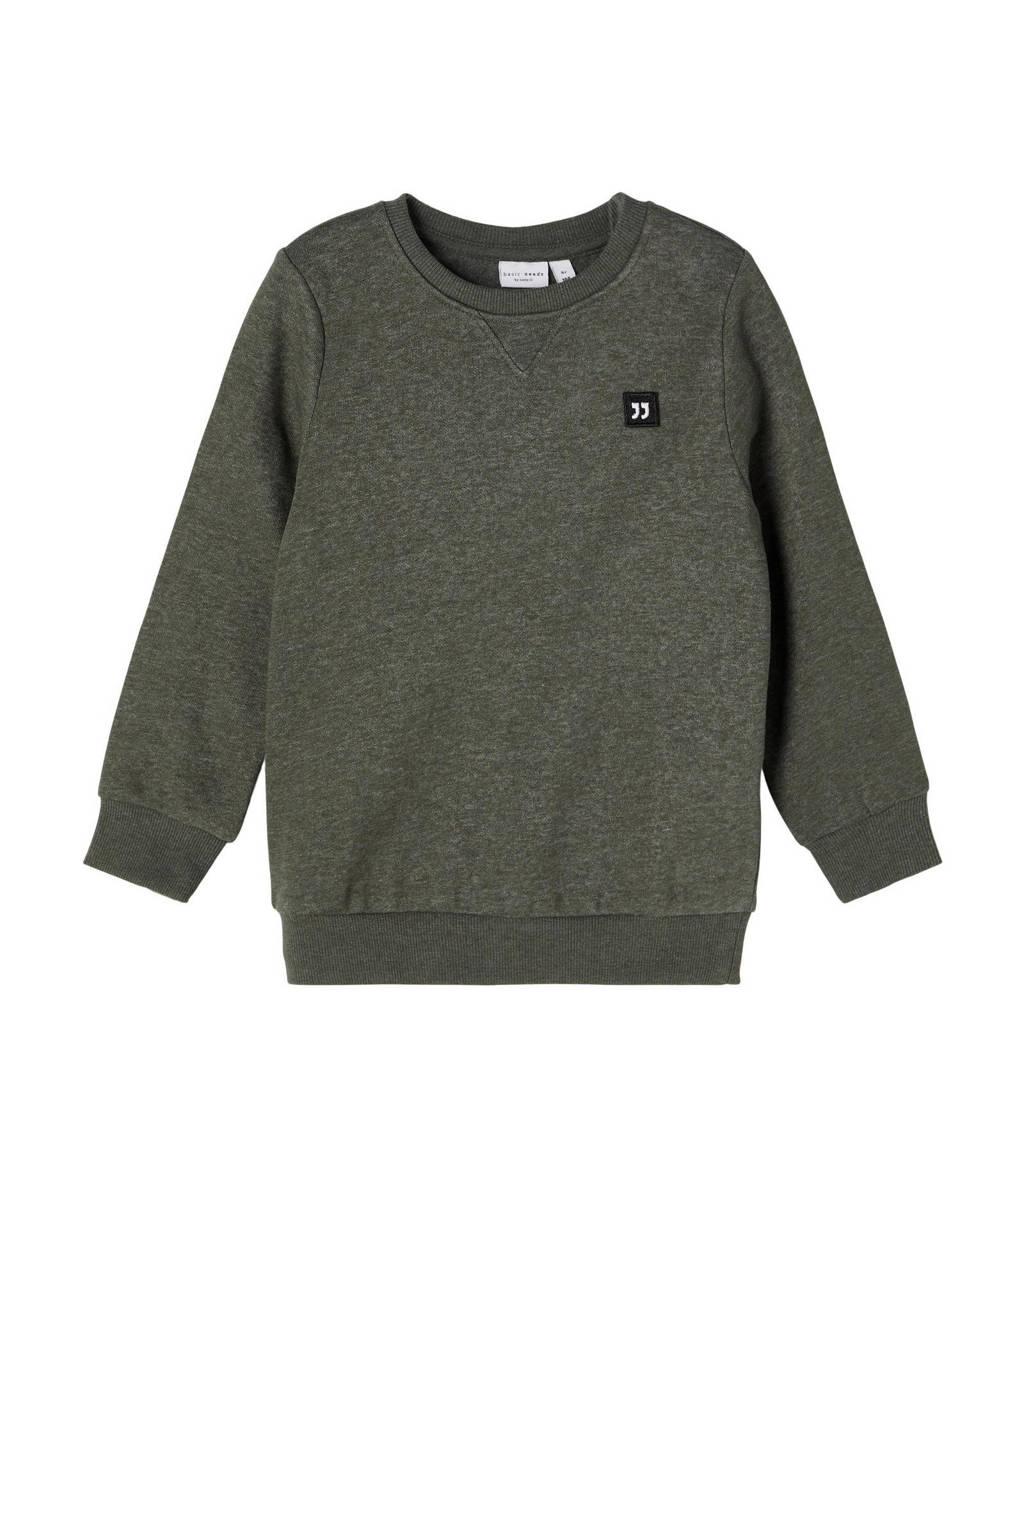 NAME IT MINI gemêleerde sweater NMMVIMO groen, Groen